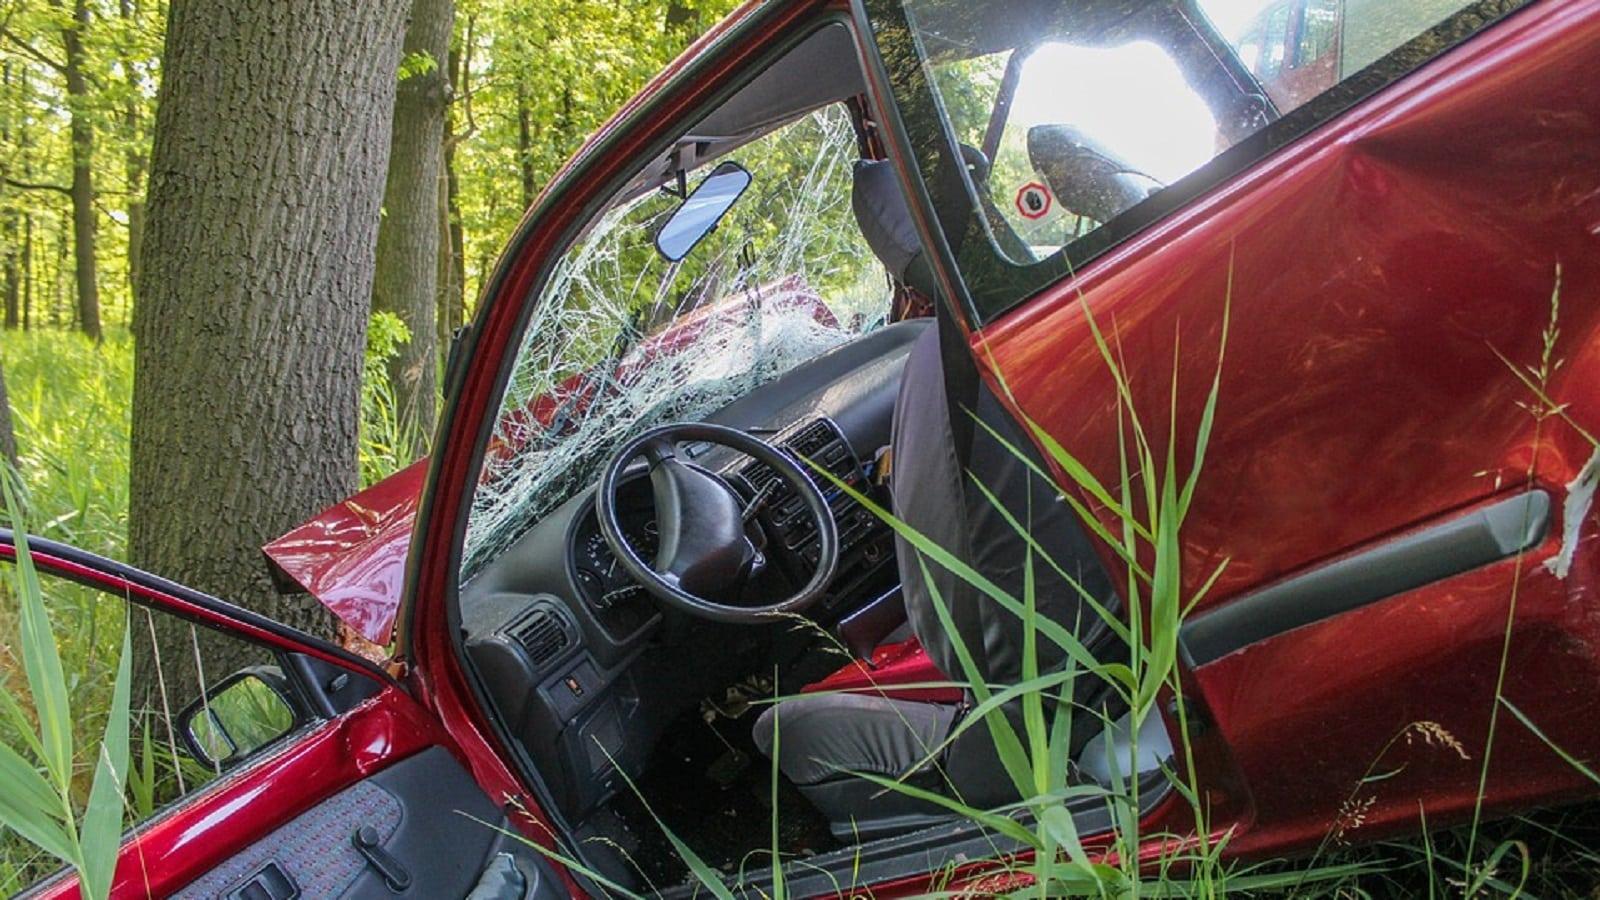 Tree Car Crash